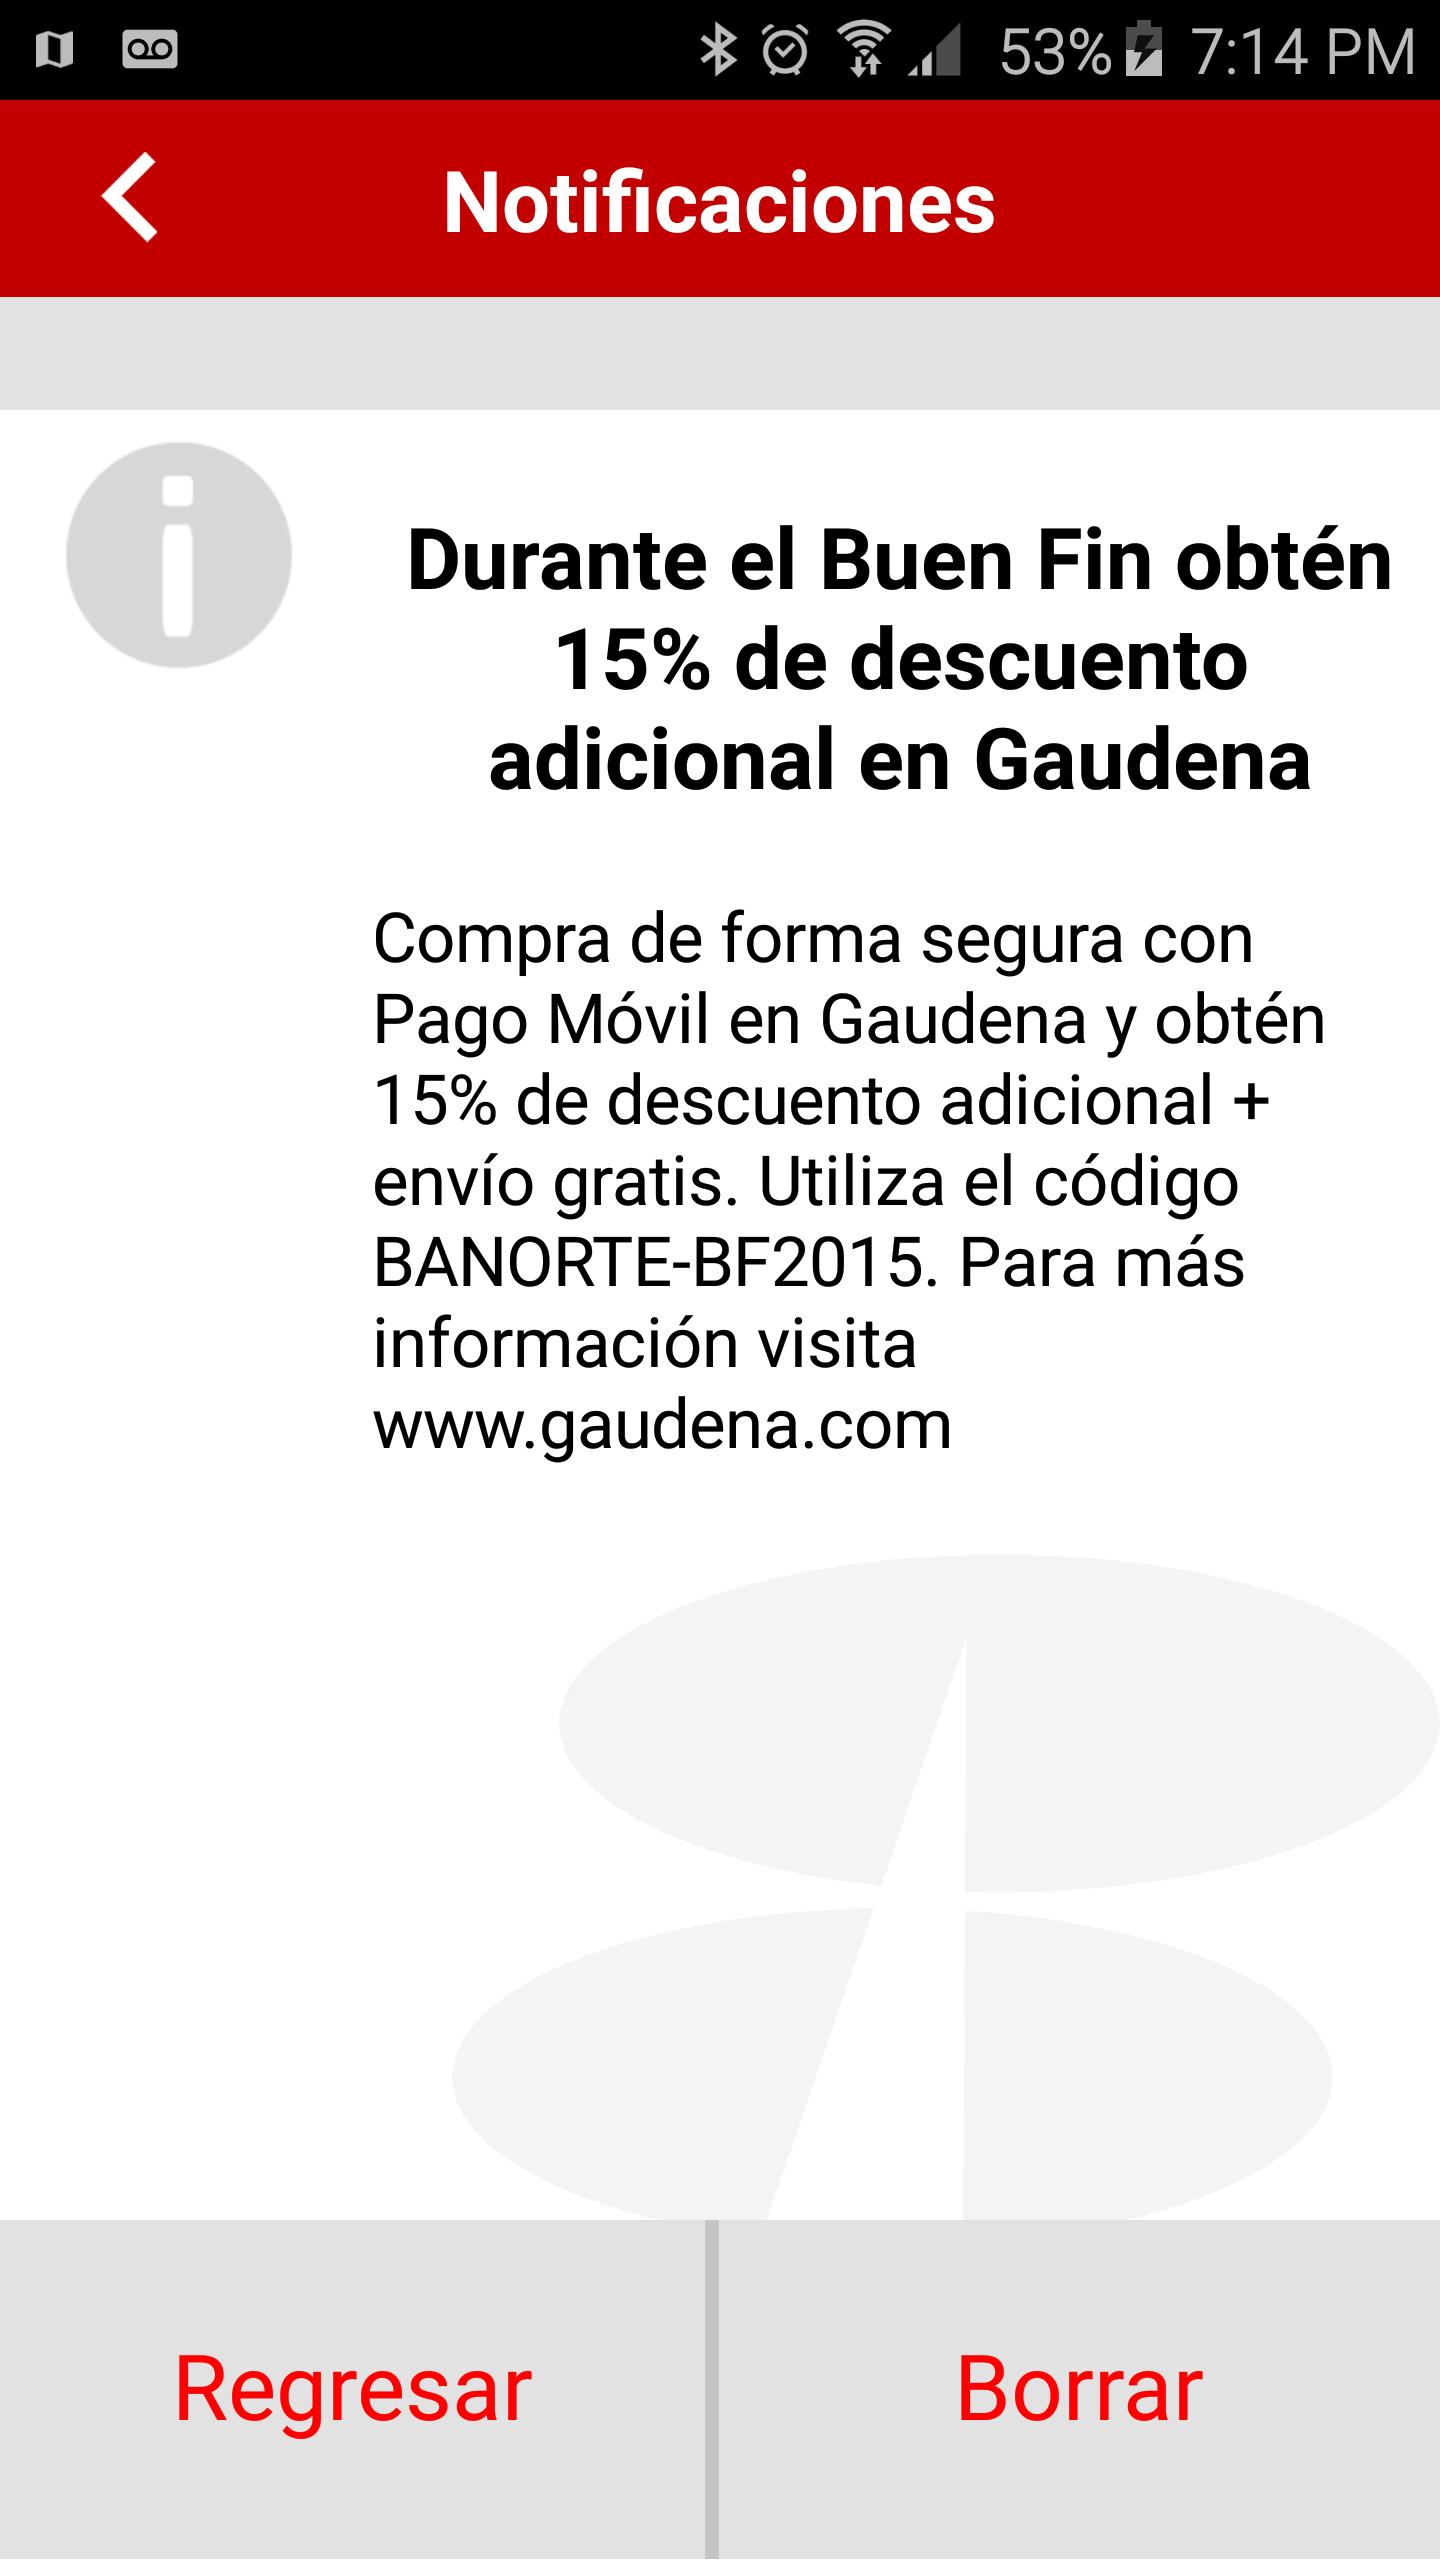 Banorte : 15% adicional y envio gratis en Gaudena con pago móvil